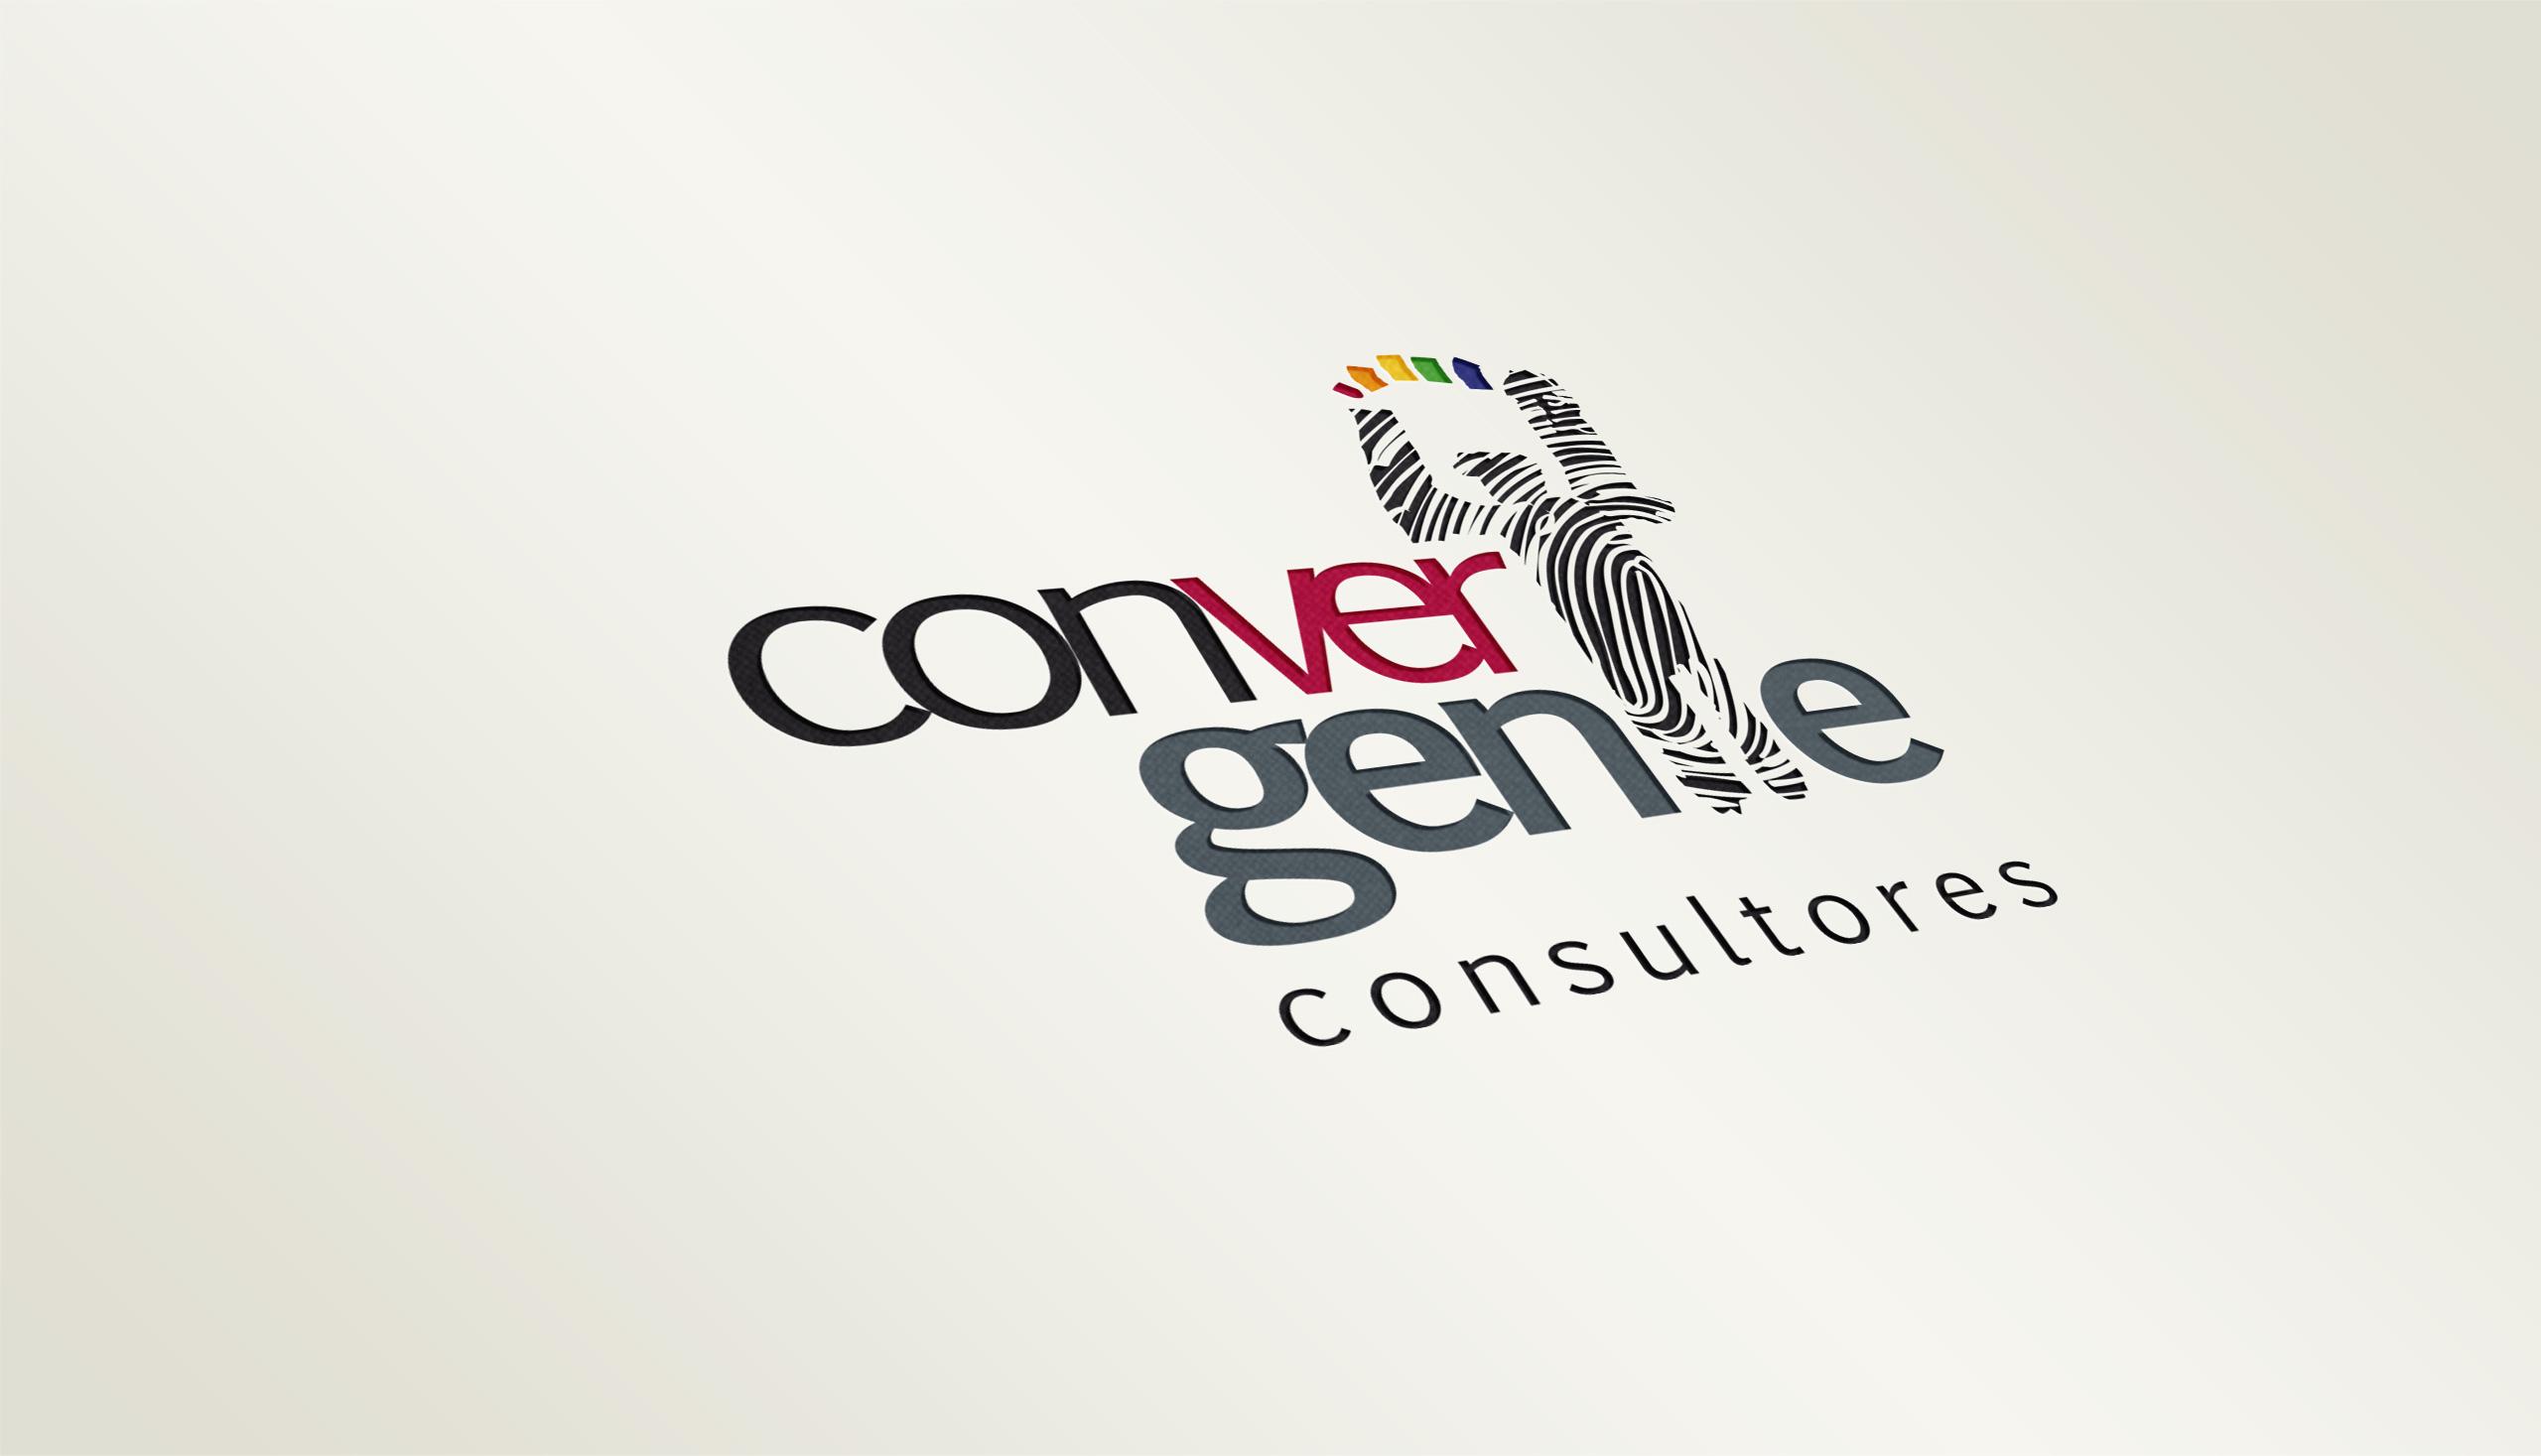 Imagen Corporativa CONVERGENTE